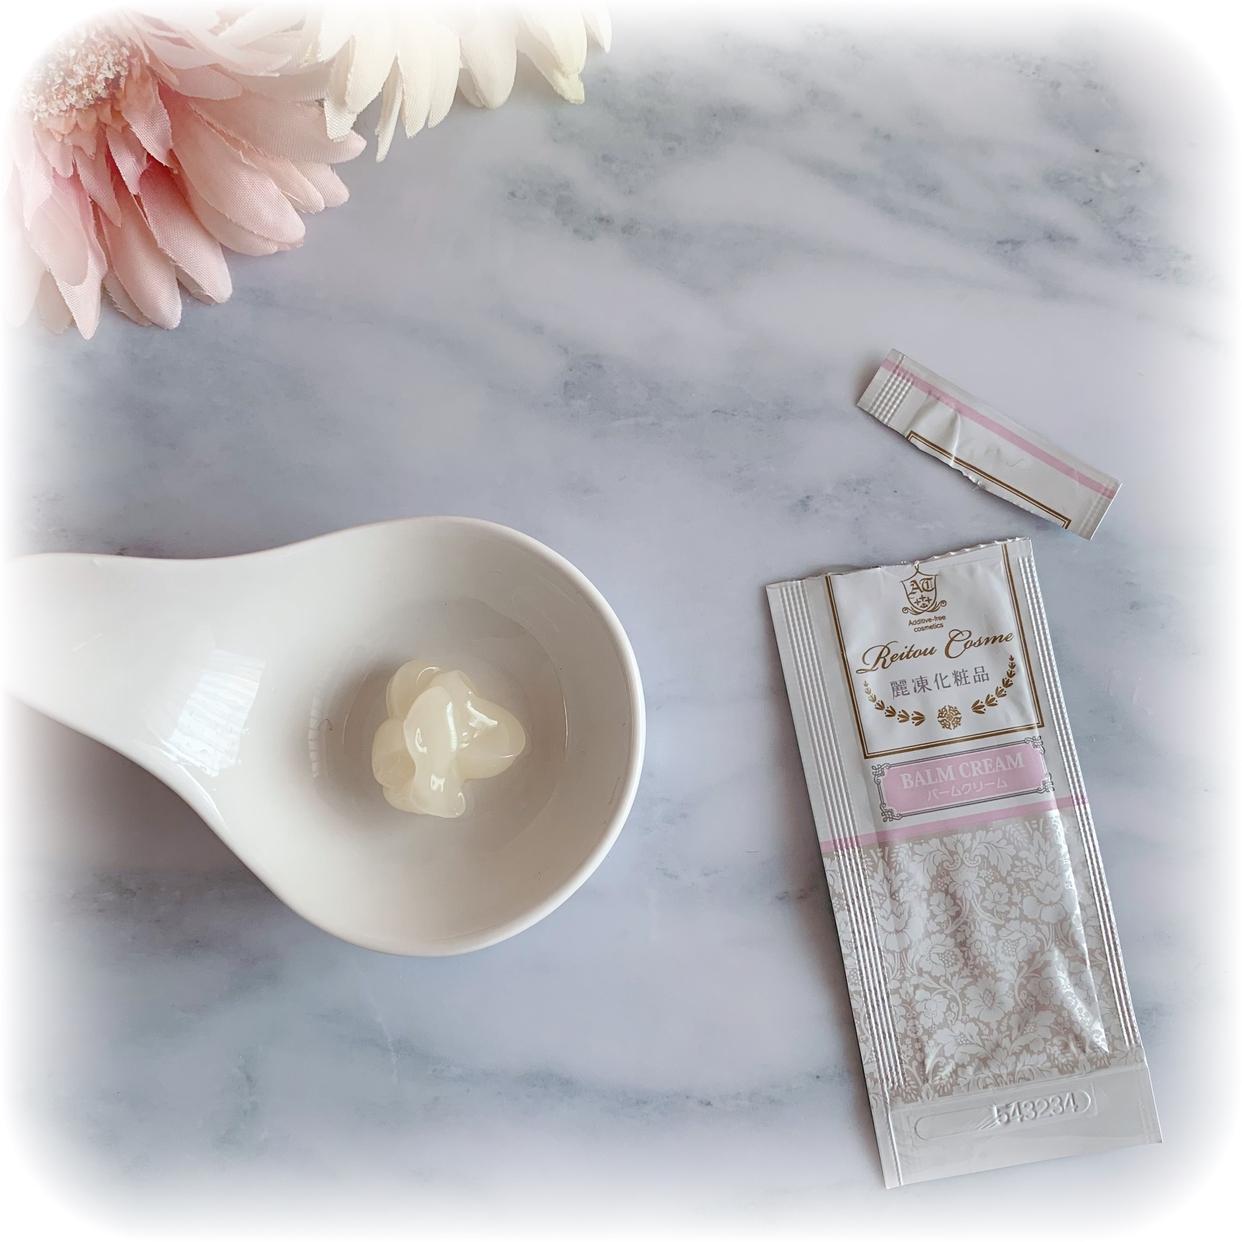 麗凍化粧品(Reitou Cosme) バームクリームを使ったsnowmiさんのクチコミ画像2